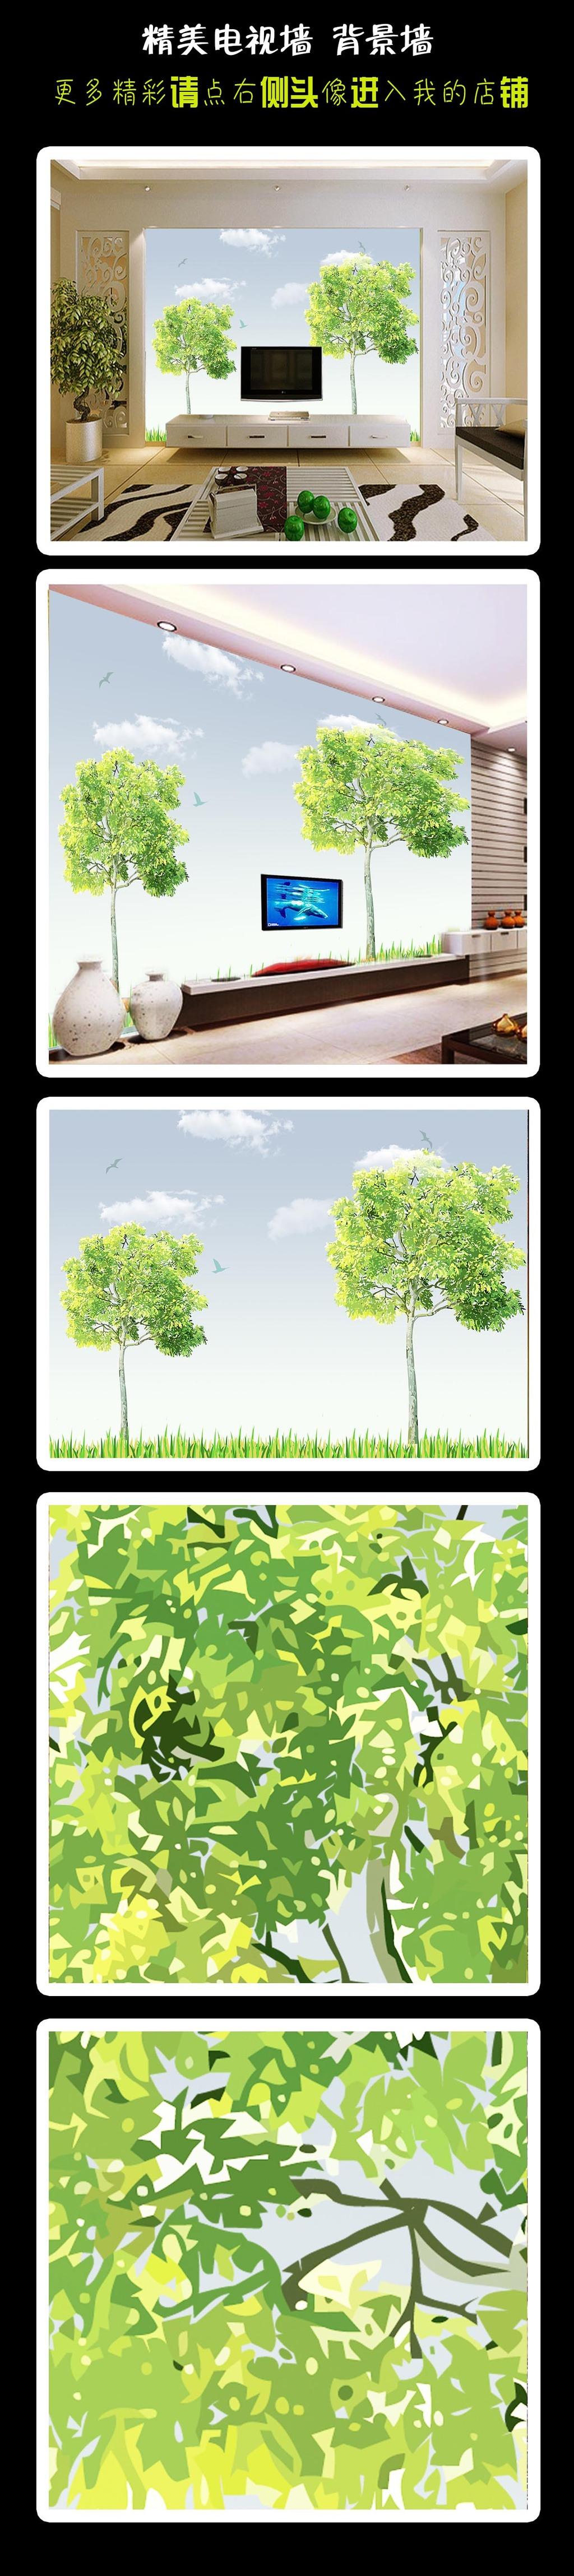 高清手绘现代简约抽象大树电视背景墙